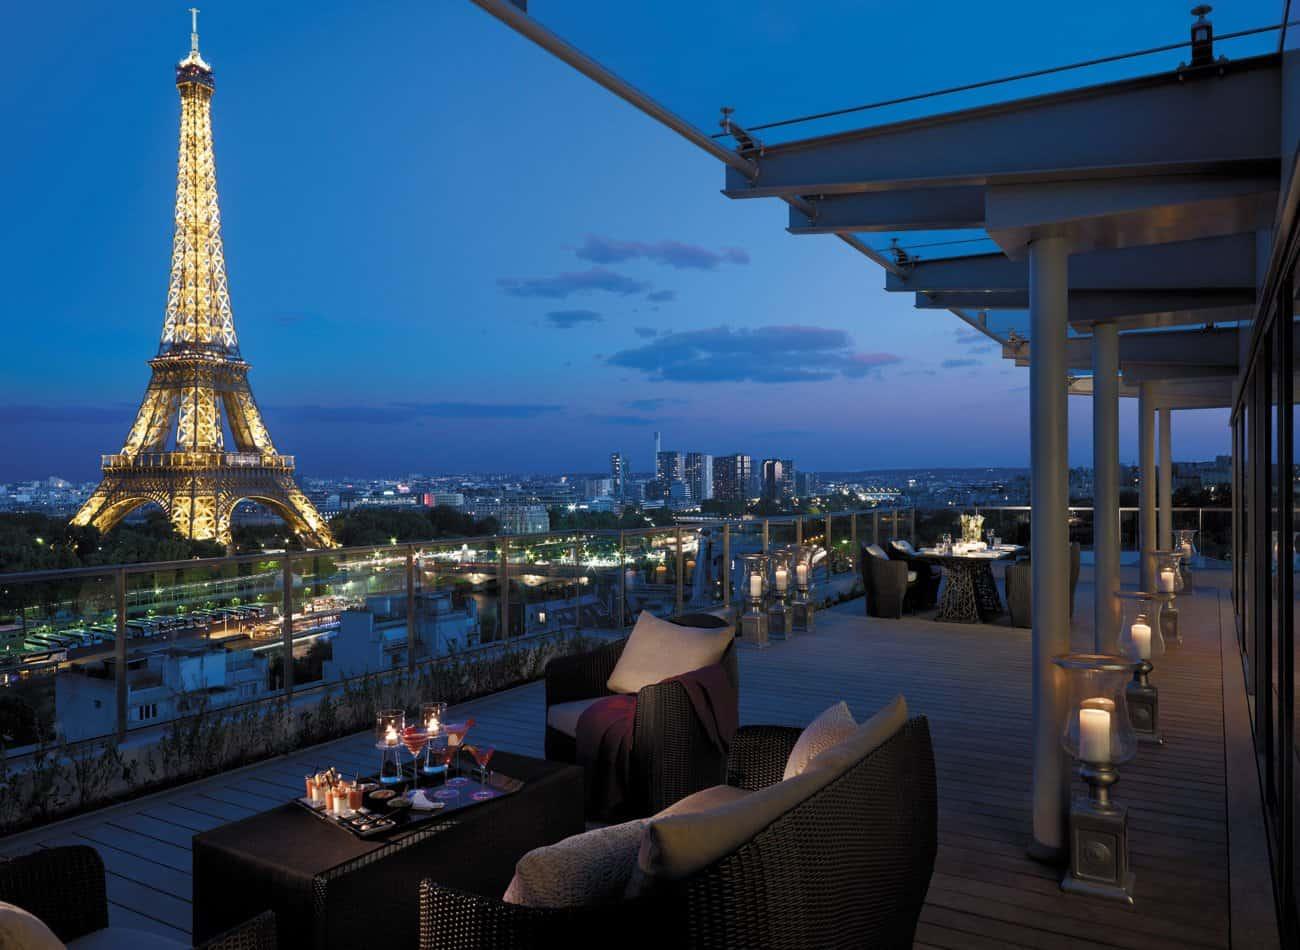 سلسلة فندق بيست ويسترن باريس تقرير مميز